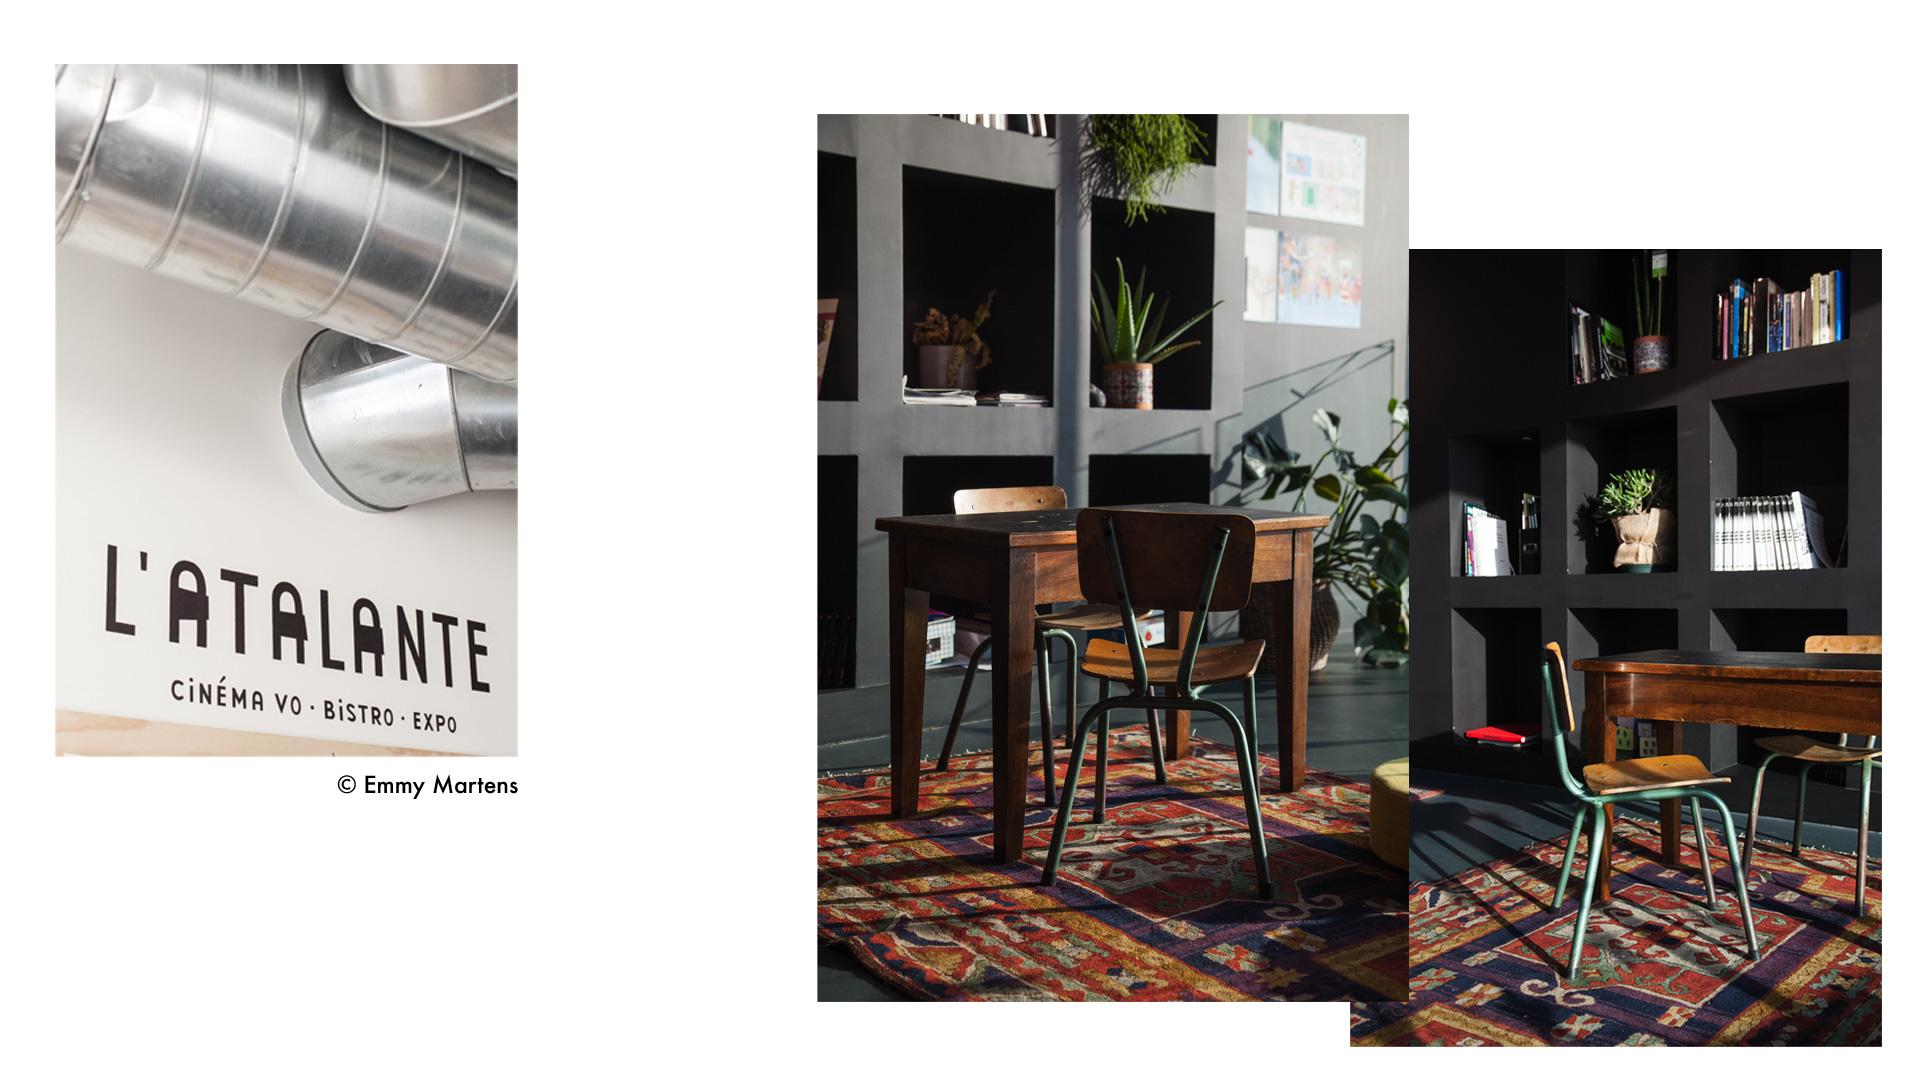 Décoration cinéma L'Atalante Bayonne par Sonia Laudet